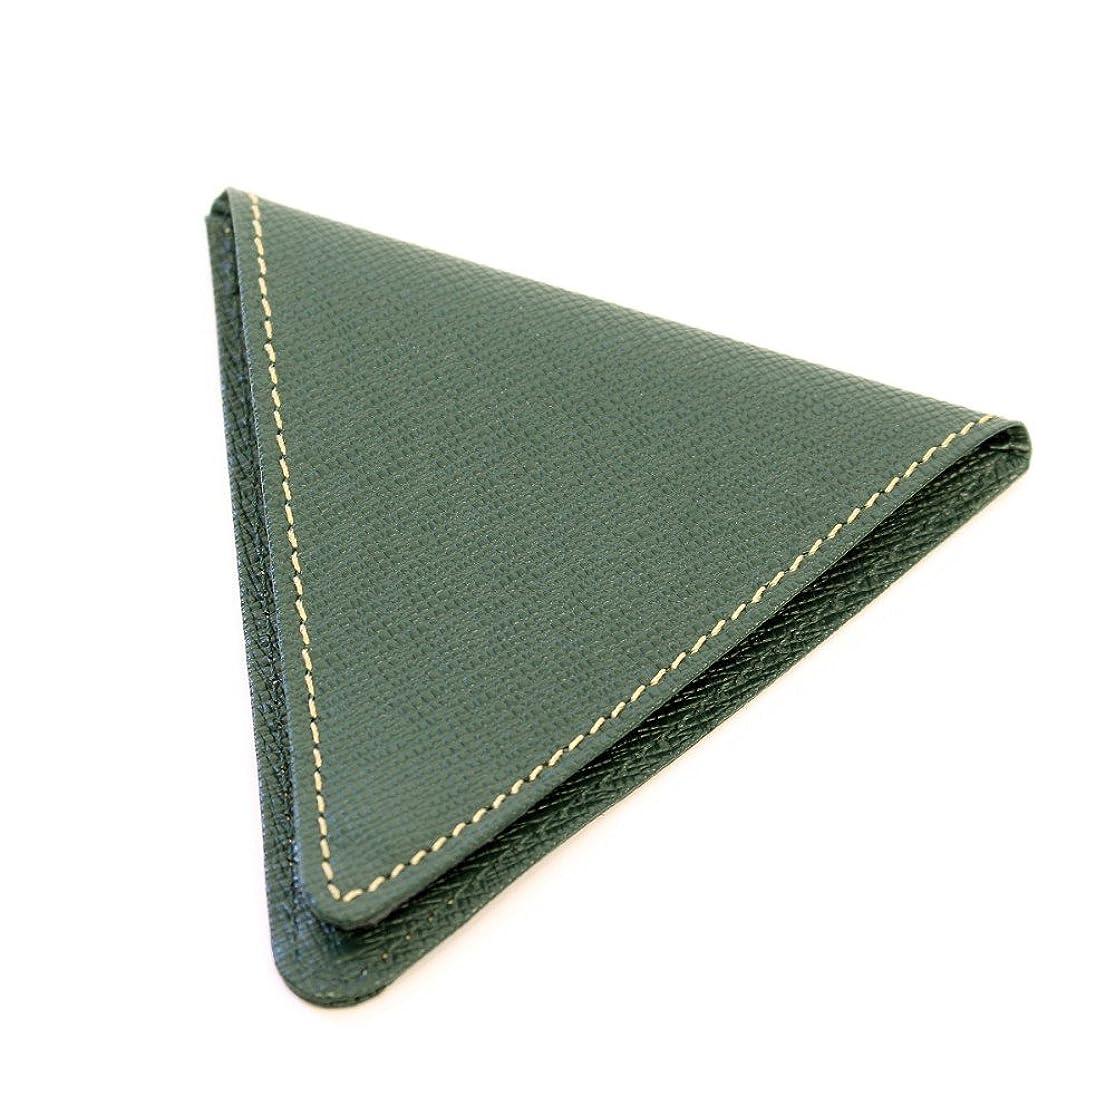 アボートステーキ差別小銭入れ トライアングル形状の、インパクトのある 便利な 8mm コインケース ダークグリーン